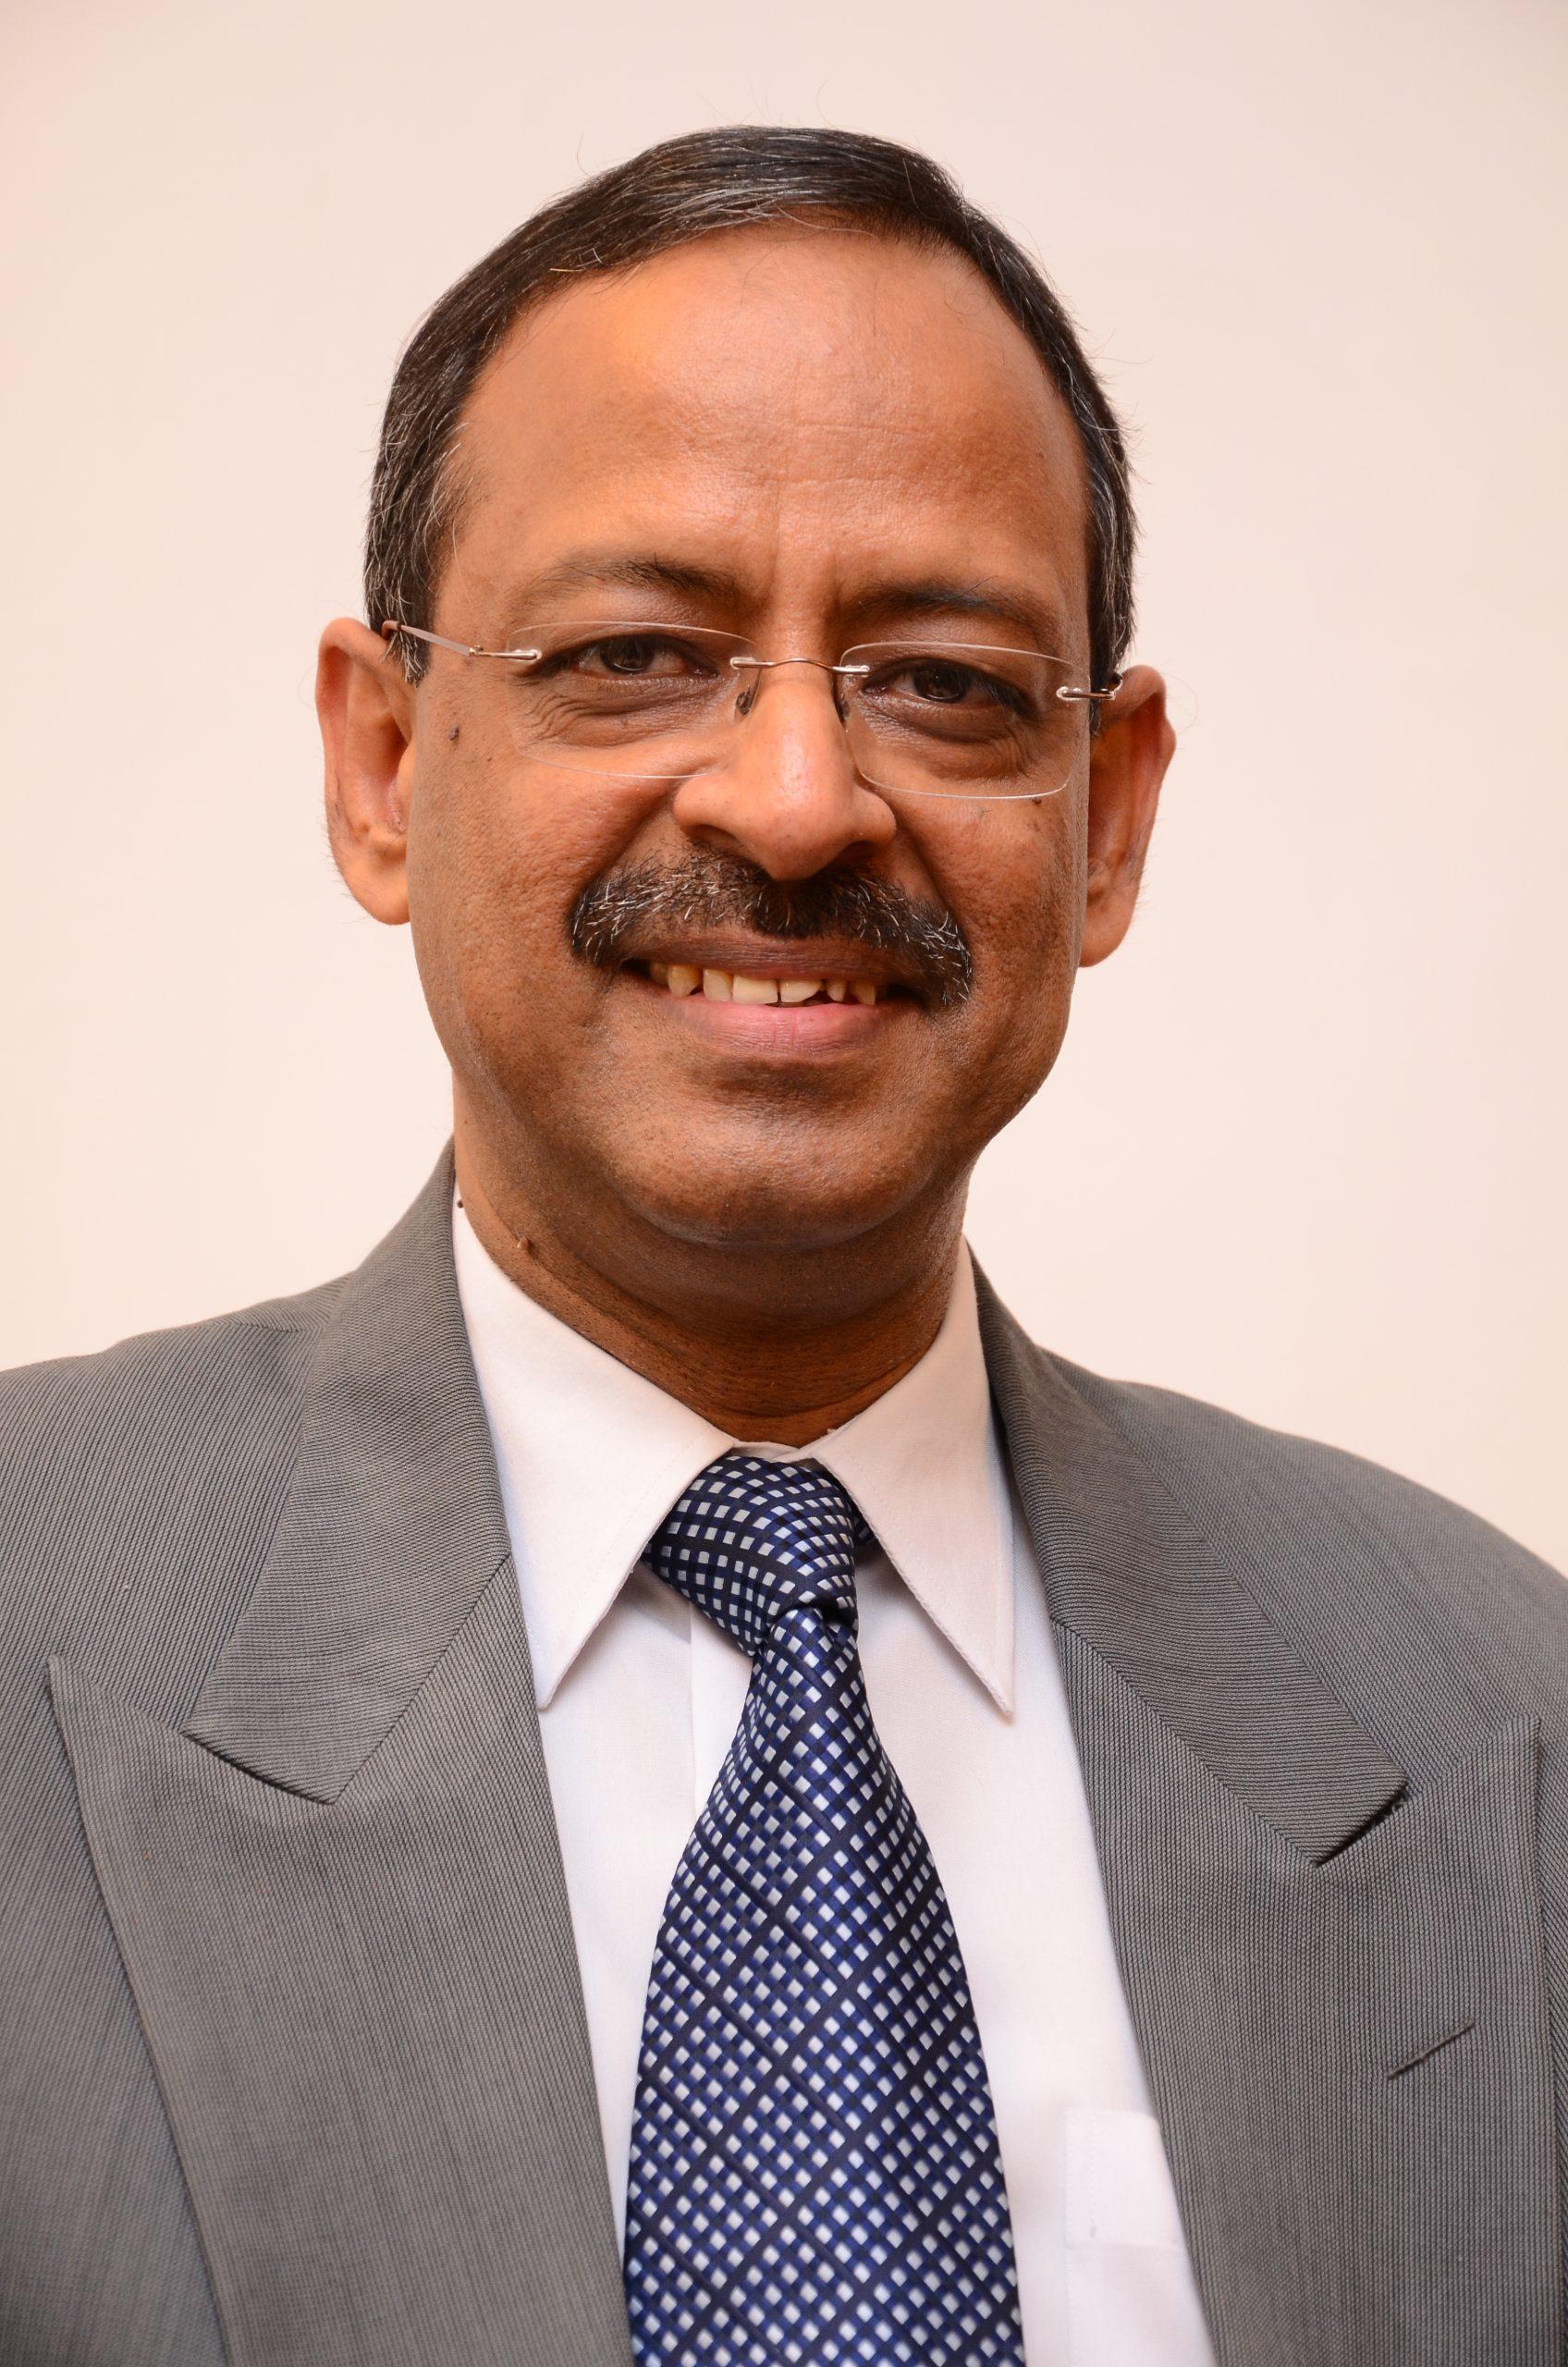 Anil Swarup Profile